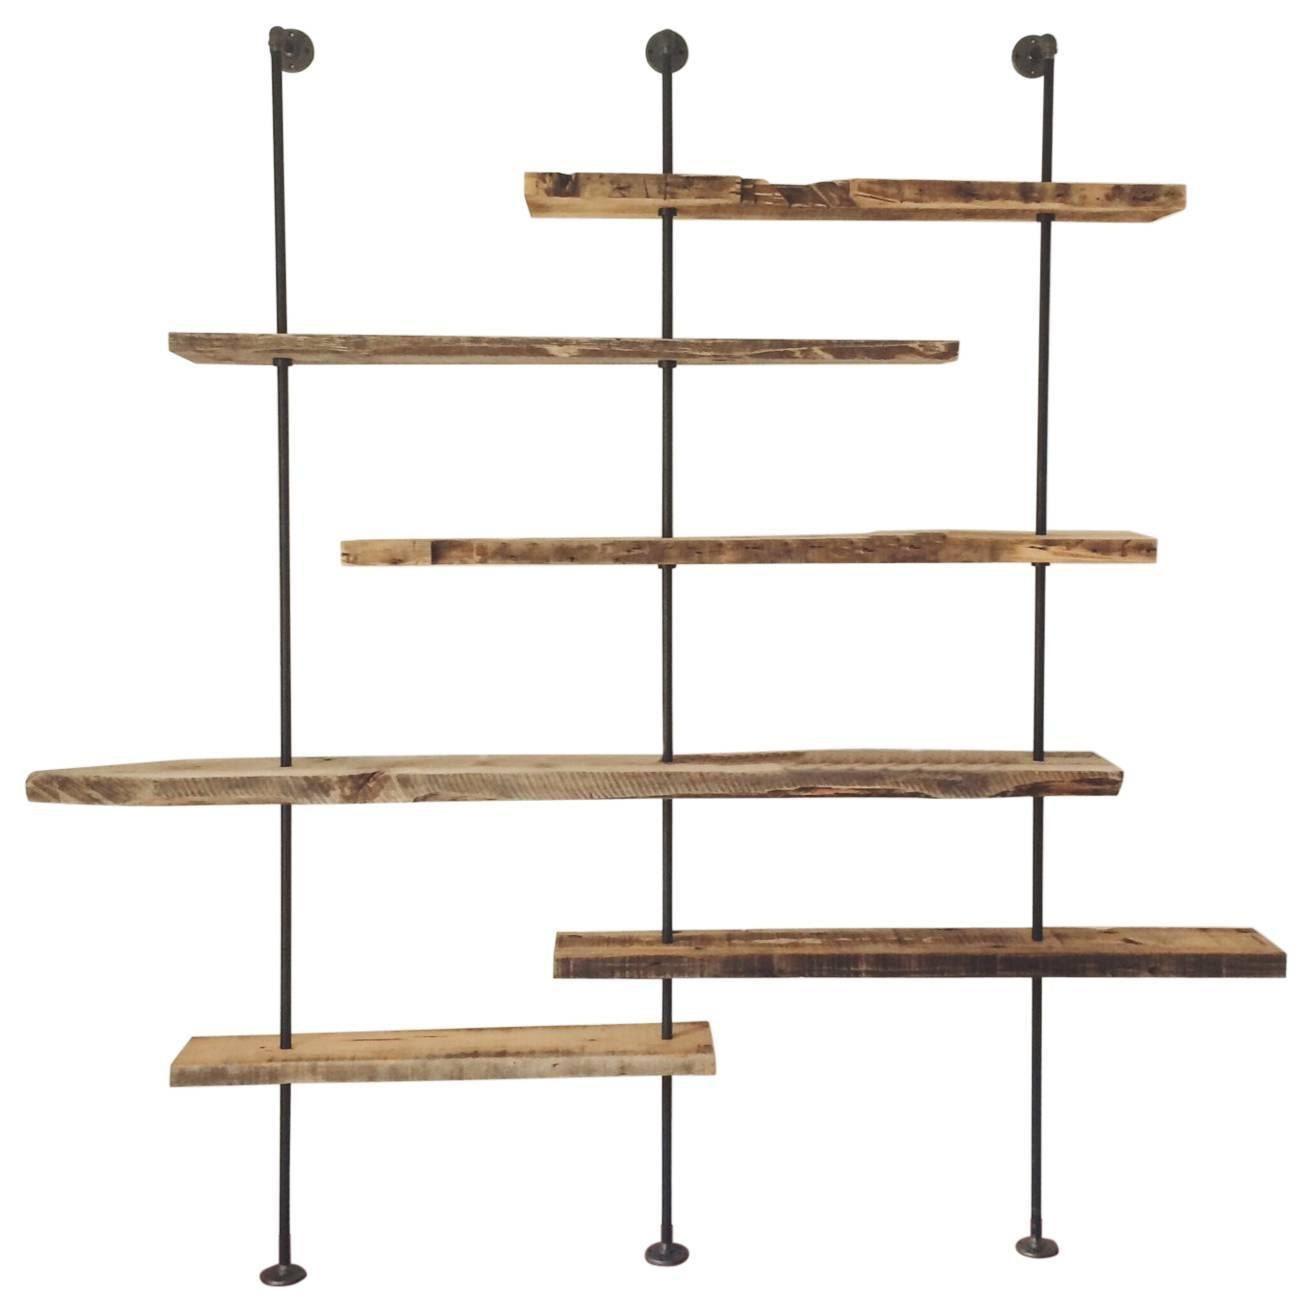 Moderne Regale Mit Altholz Im Alter Geborgen Holz Von New York